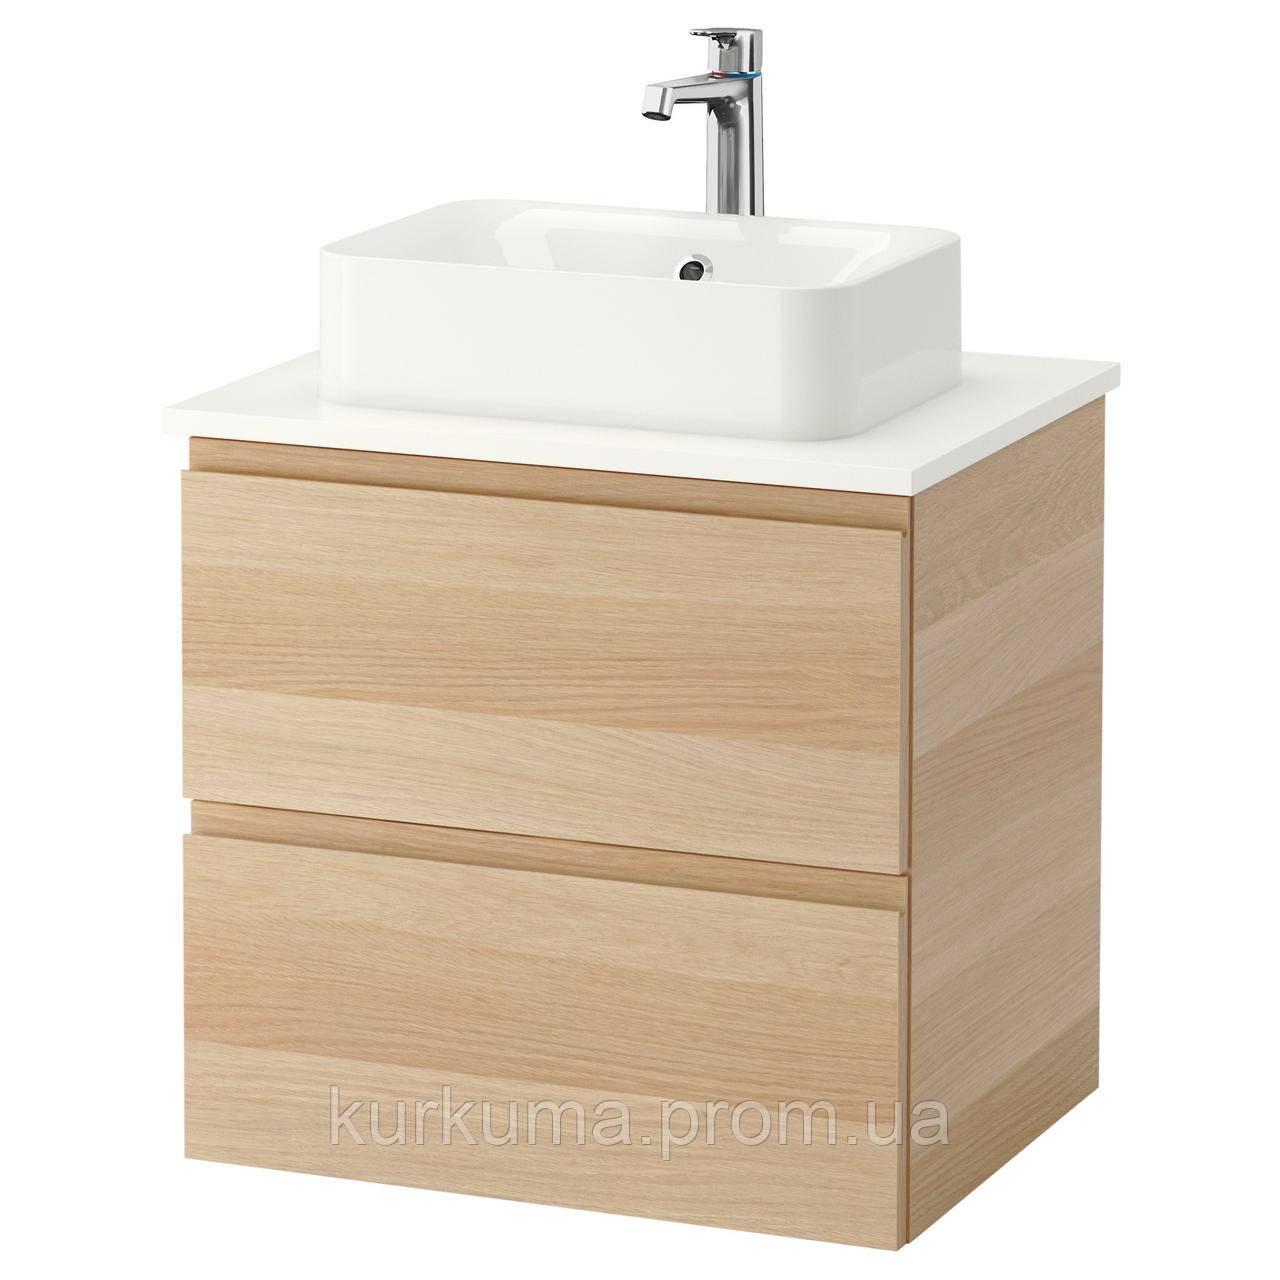 IKEA GODMORGON/TOLKEN/HORVIK Шкаф под умывальник с раковиной, белый  (292.102.53)